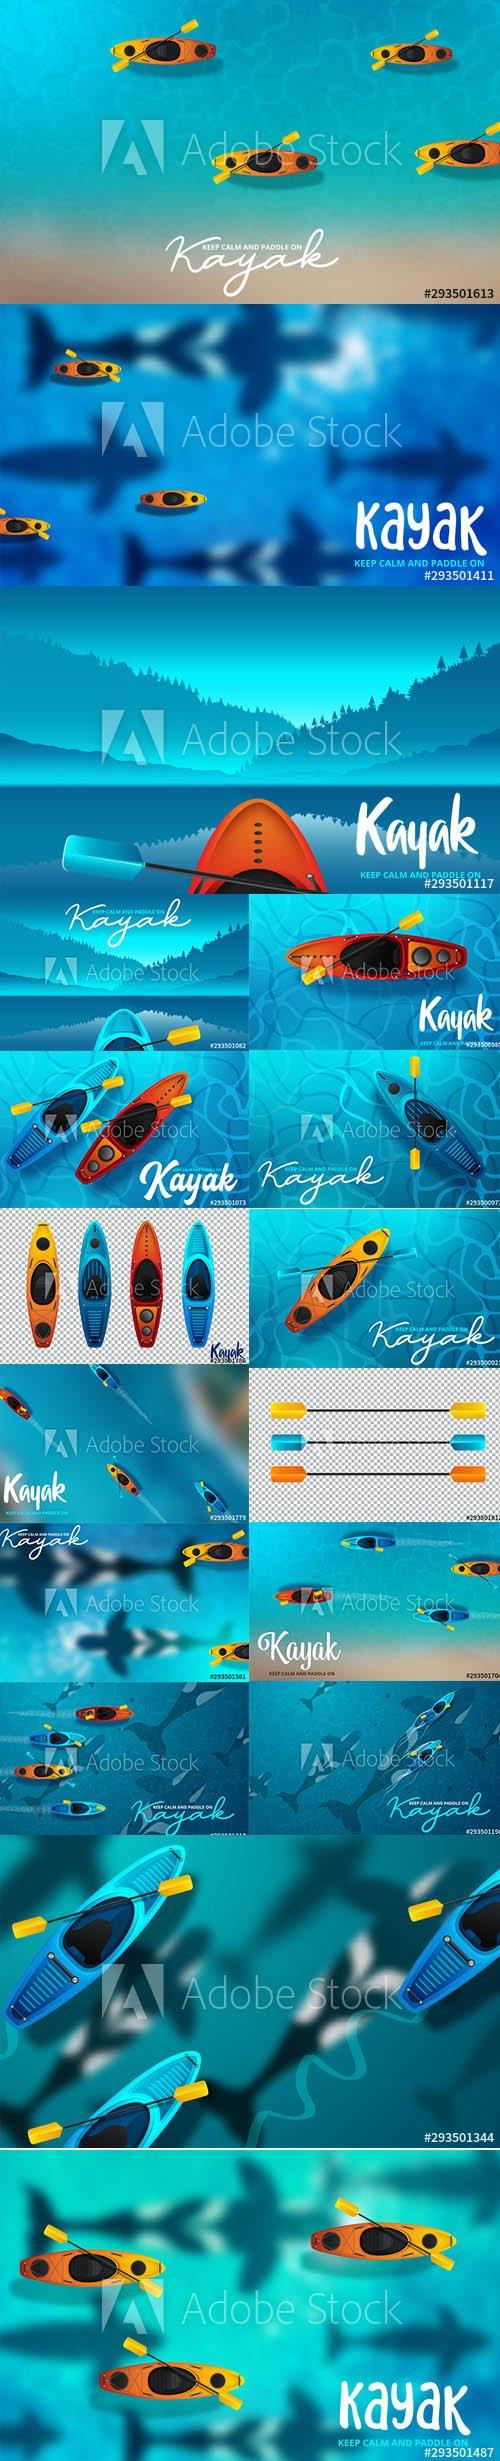 Kayaking Water Sport Illustrations